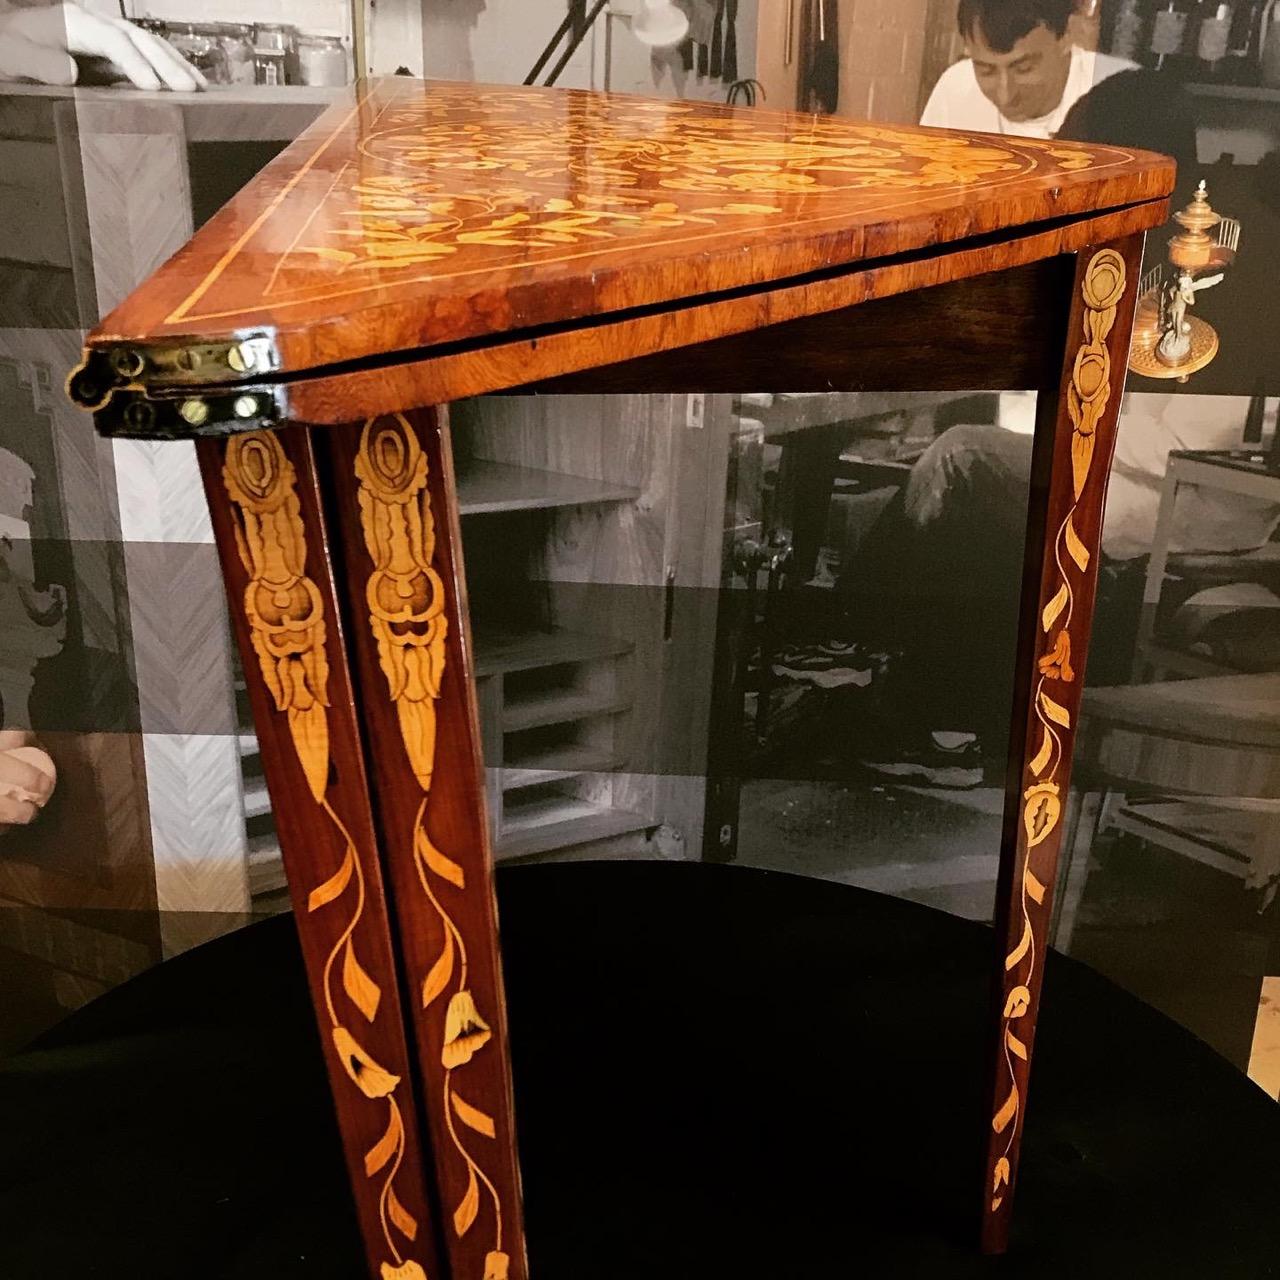 Table console triangulaire formant table à jeu. XIIIe. Travail hollandais. À quatre pieds pivotant la table console est entièrement repliable 4 | Atelier Patrice Bricout